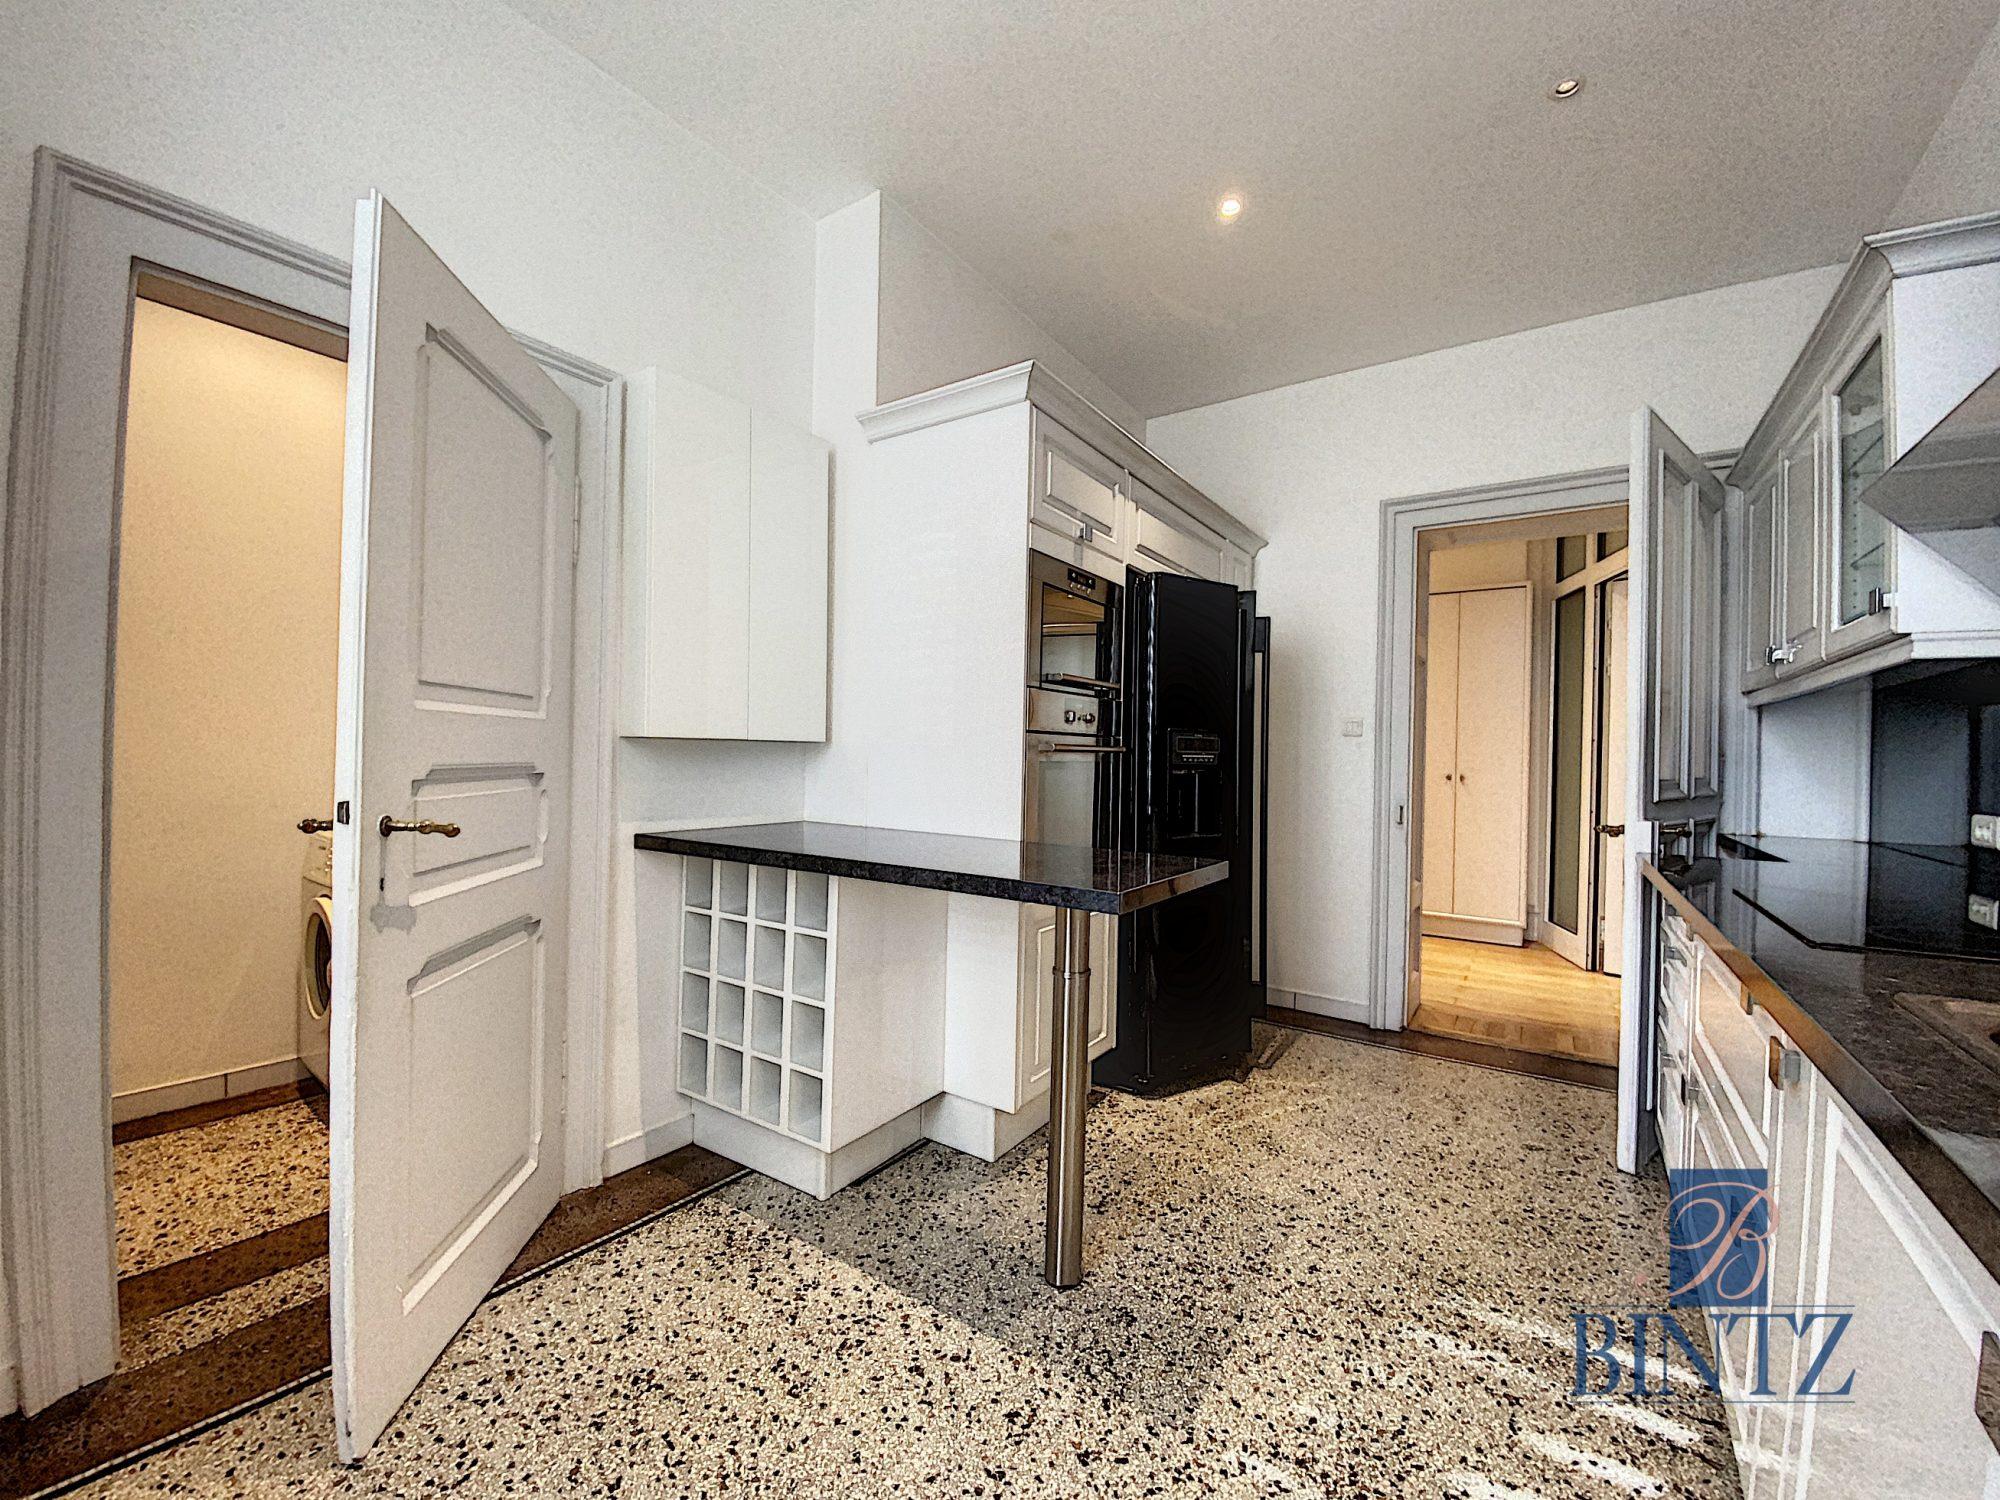 Magnifique 6 pièces de 164m2 Quartier Neustadt - Devenez propriétaire en toute confiance - Bintz Immobilier - 10